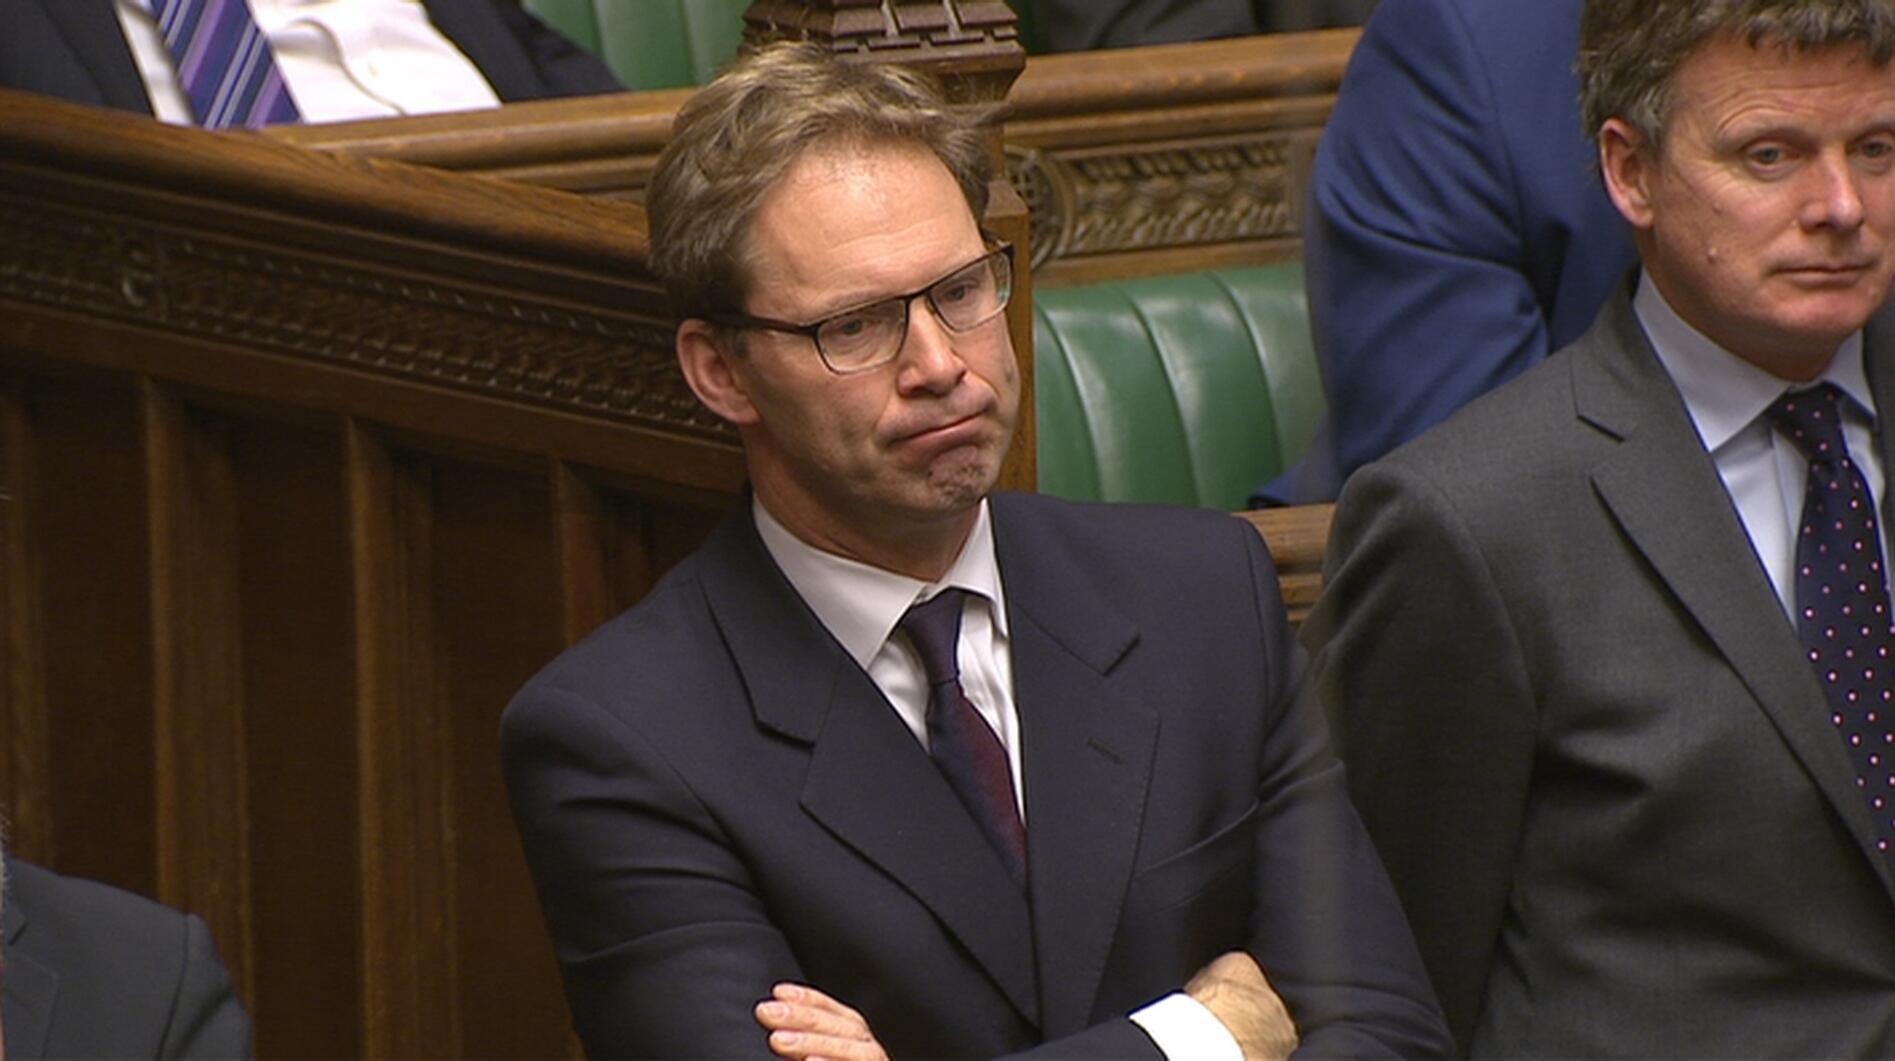 Le parlementaire Tobias Ellwood, au lendemain de l'attaque de Westminster à Londres, le 23 mars 2017.